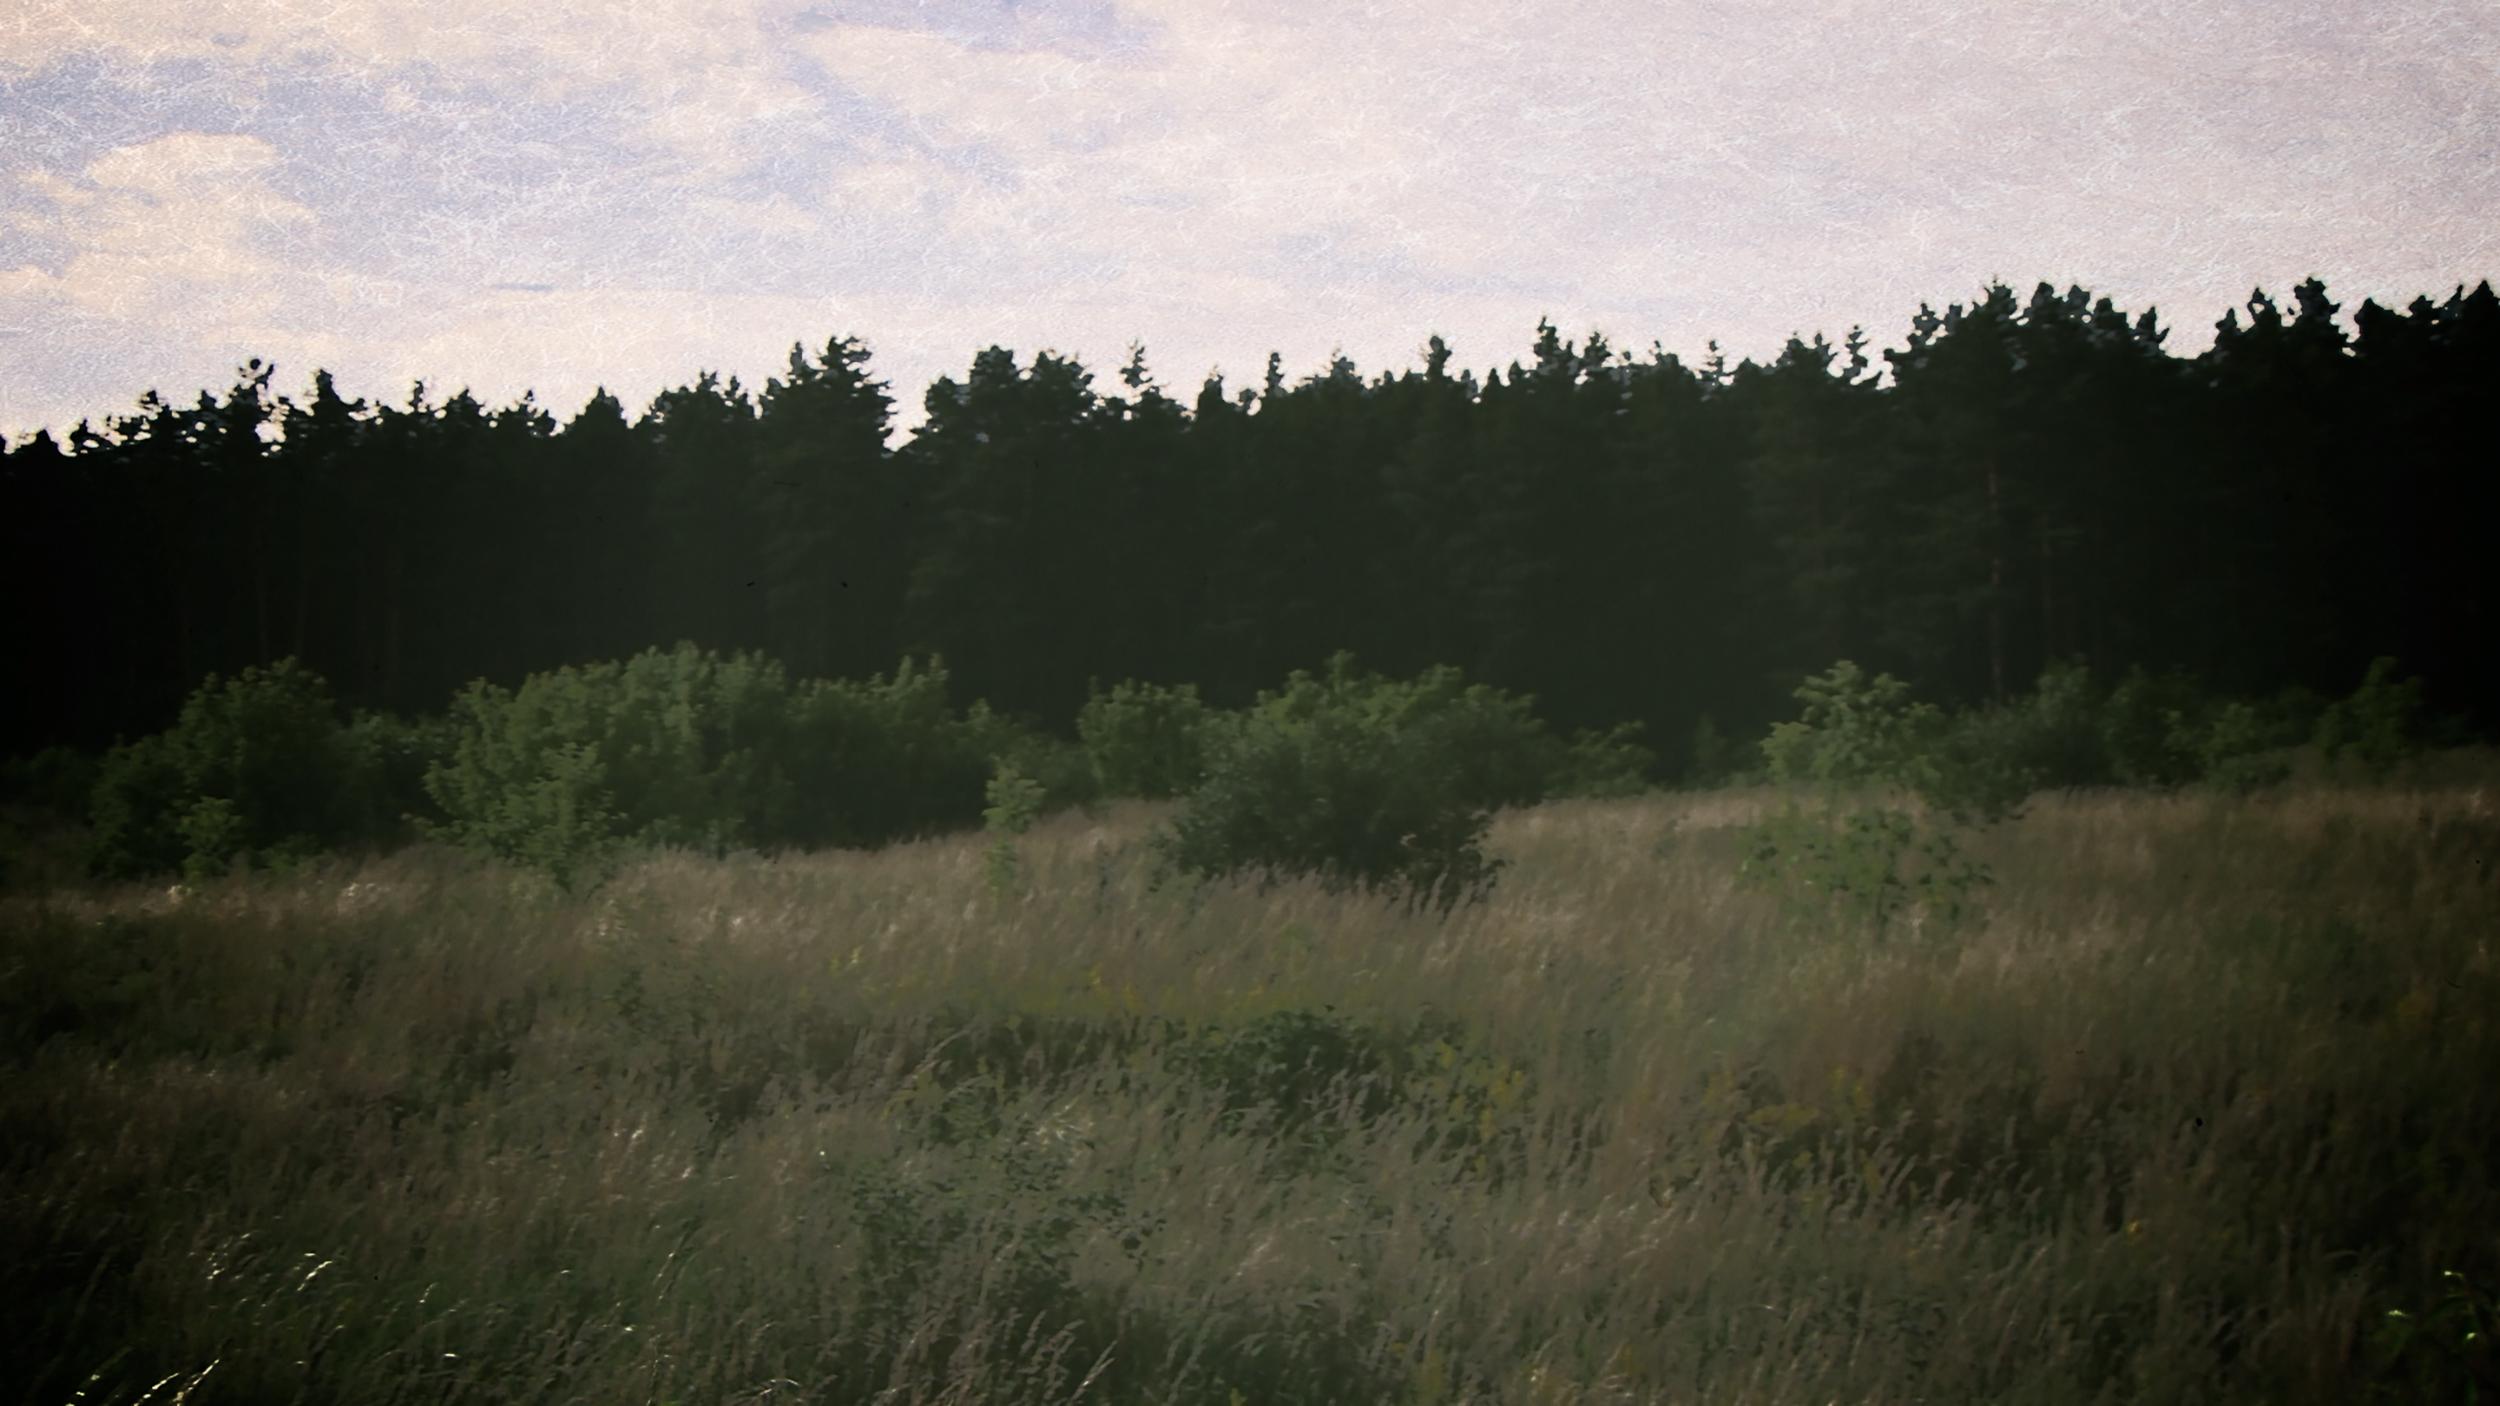 Cemetery in Kozin_r4 (0-01-09-14).jpg